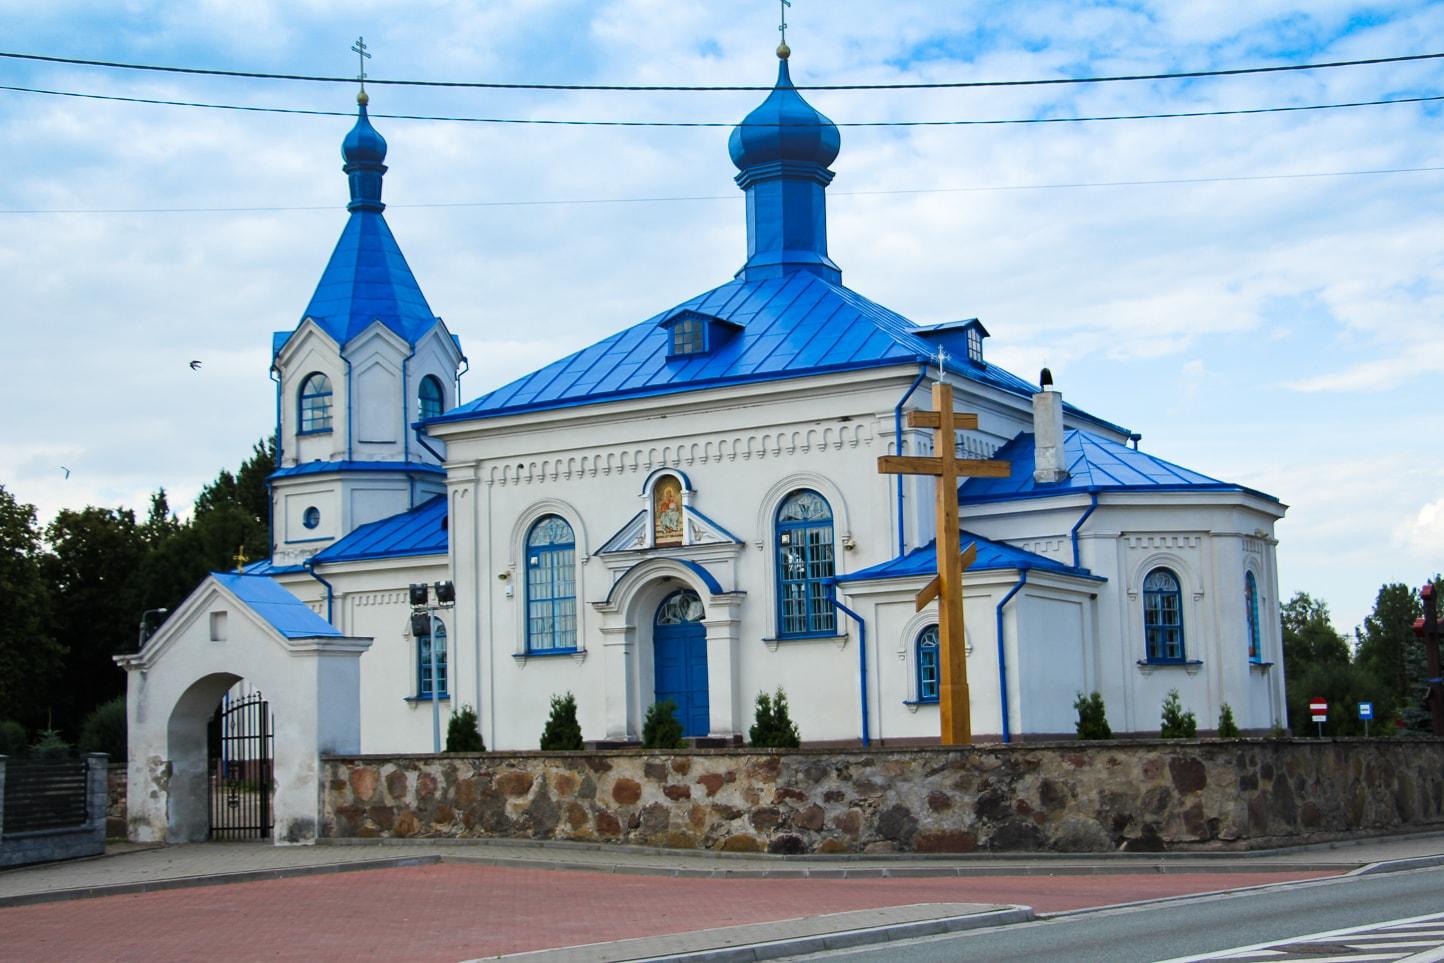 Cerkiew pw. Zaśnięcia Matki Bożej w Dubinach